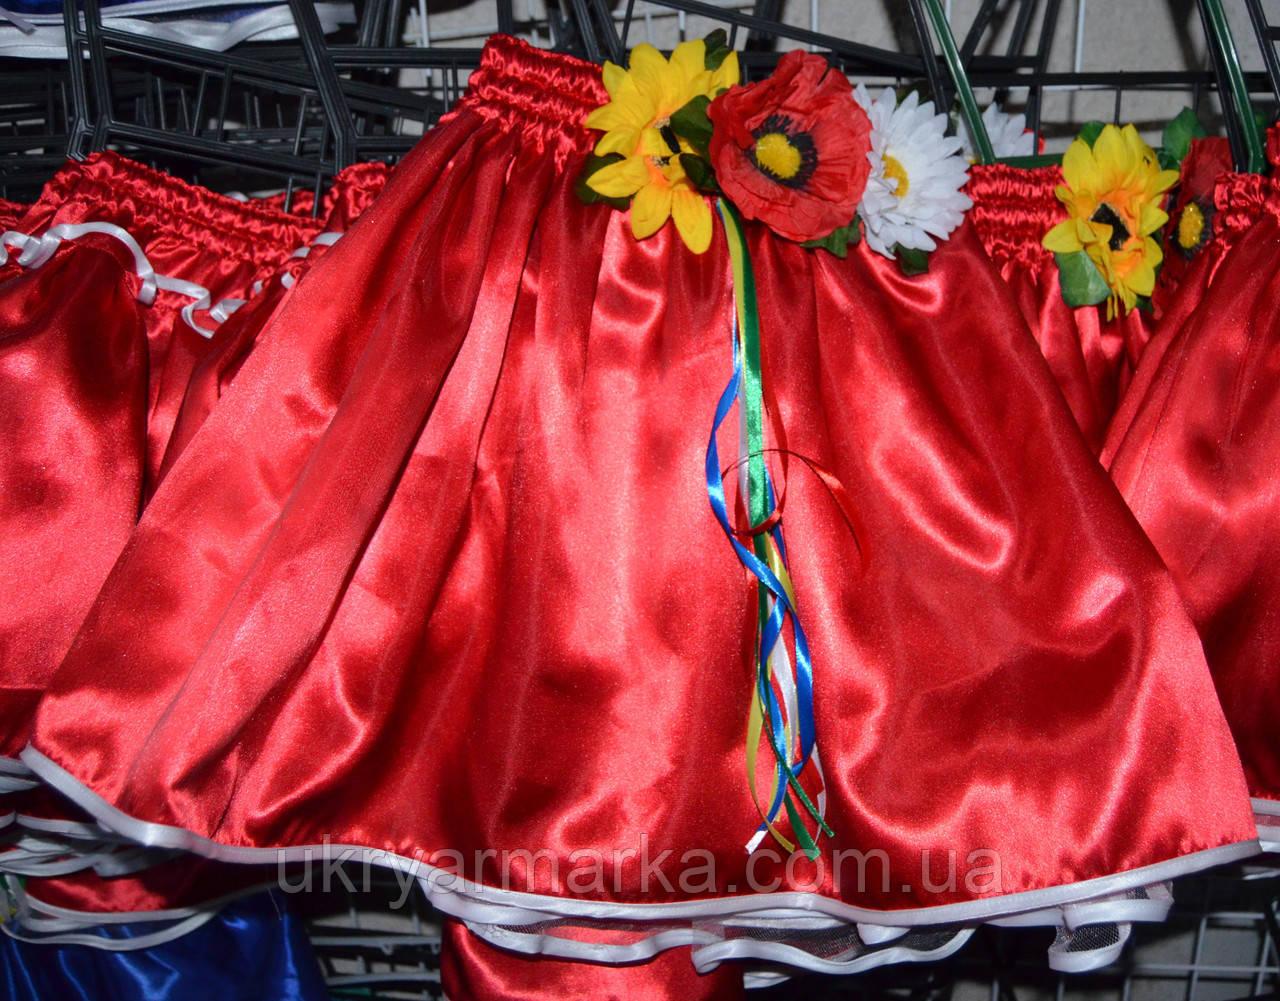 Как завязывать украинскую юбку с запахом